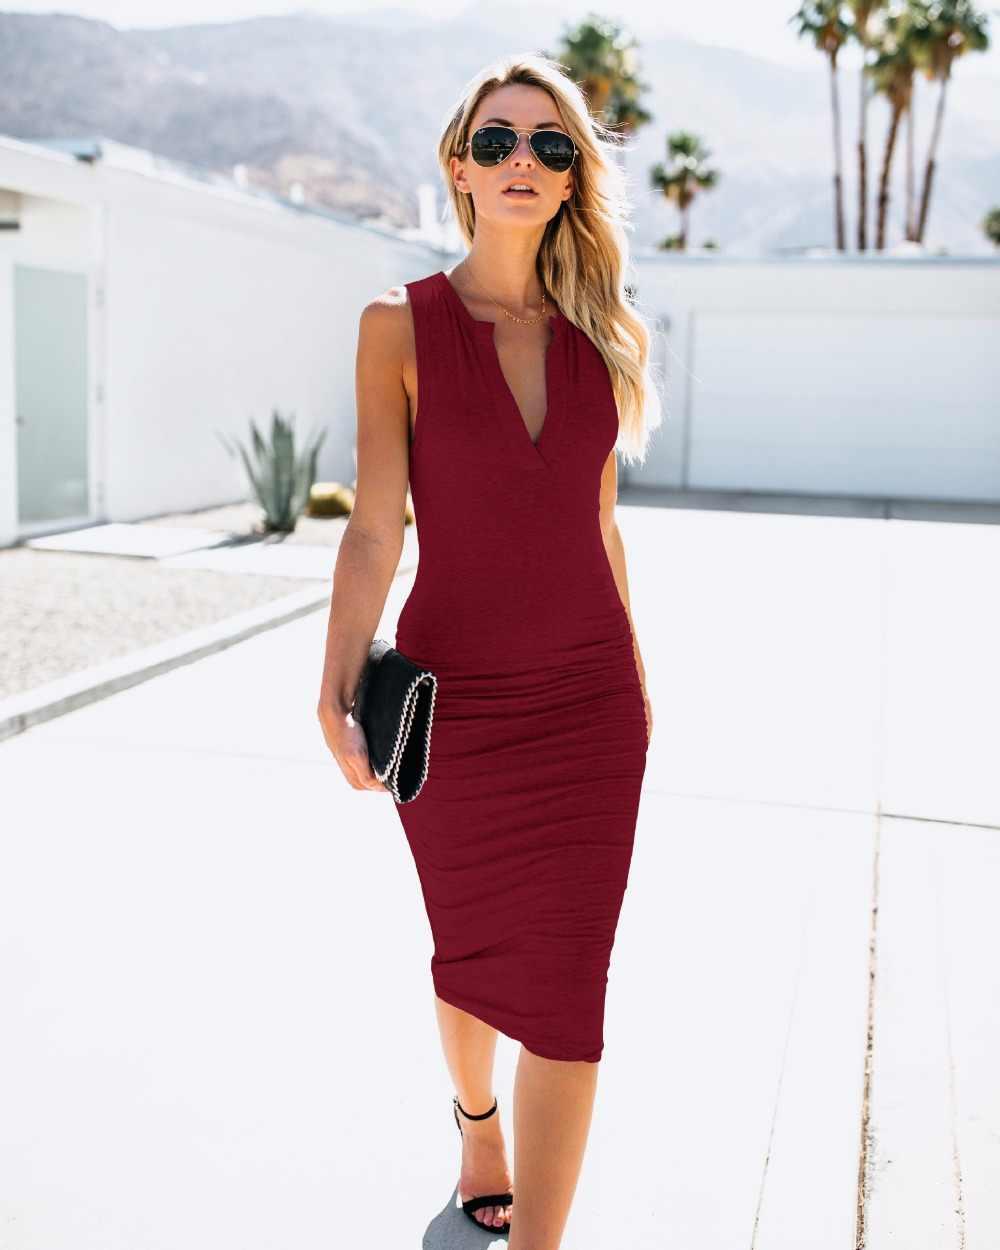 c1d33d0a14fed05 ... Новое Женское 2019 сексуальное летнее платье с v-образным вырезом без  рукавов платье-футляр ...